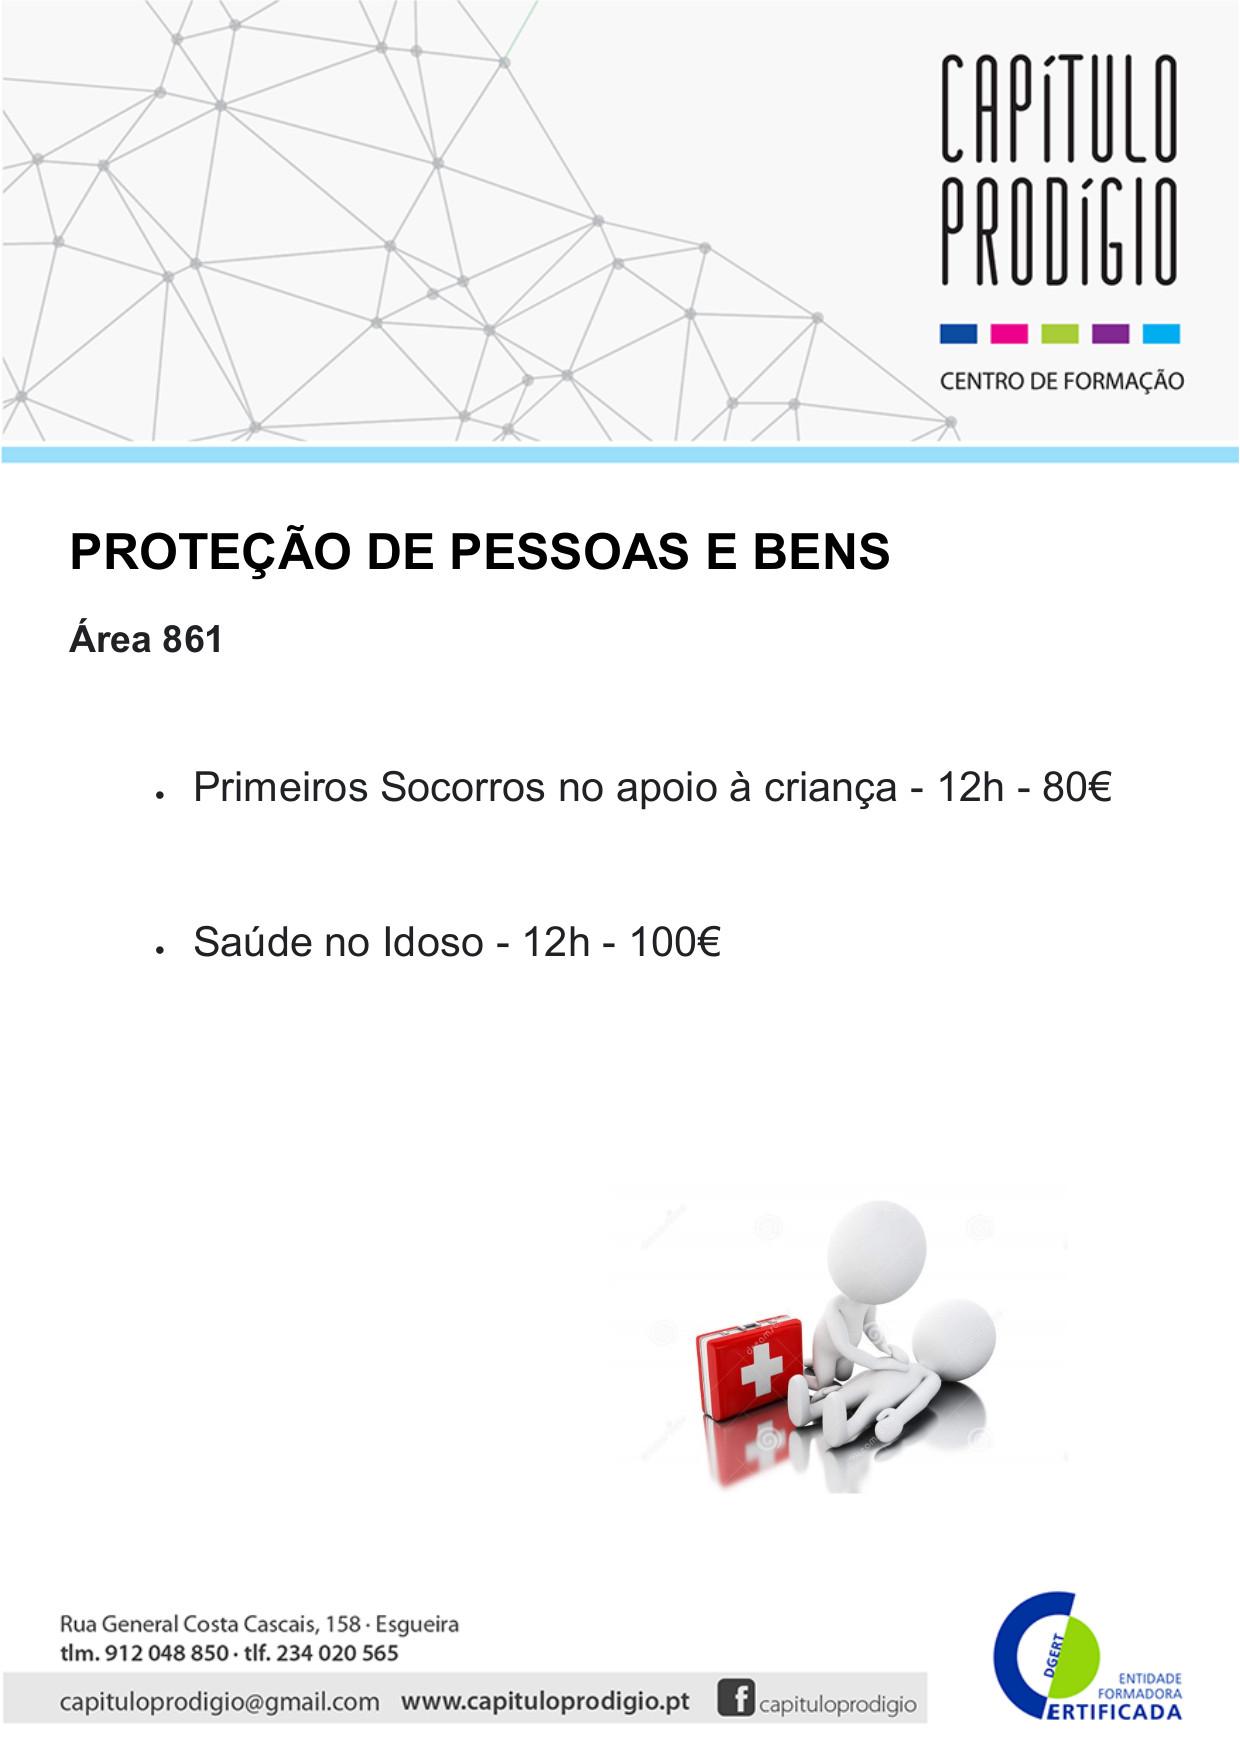 ÁREA 861 - PROTEÇÃO DE PESSOAS E BENS